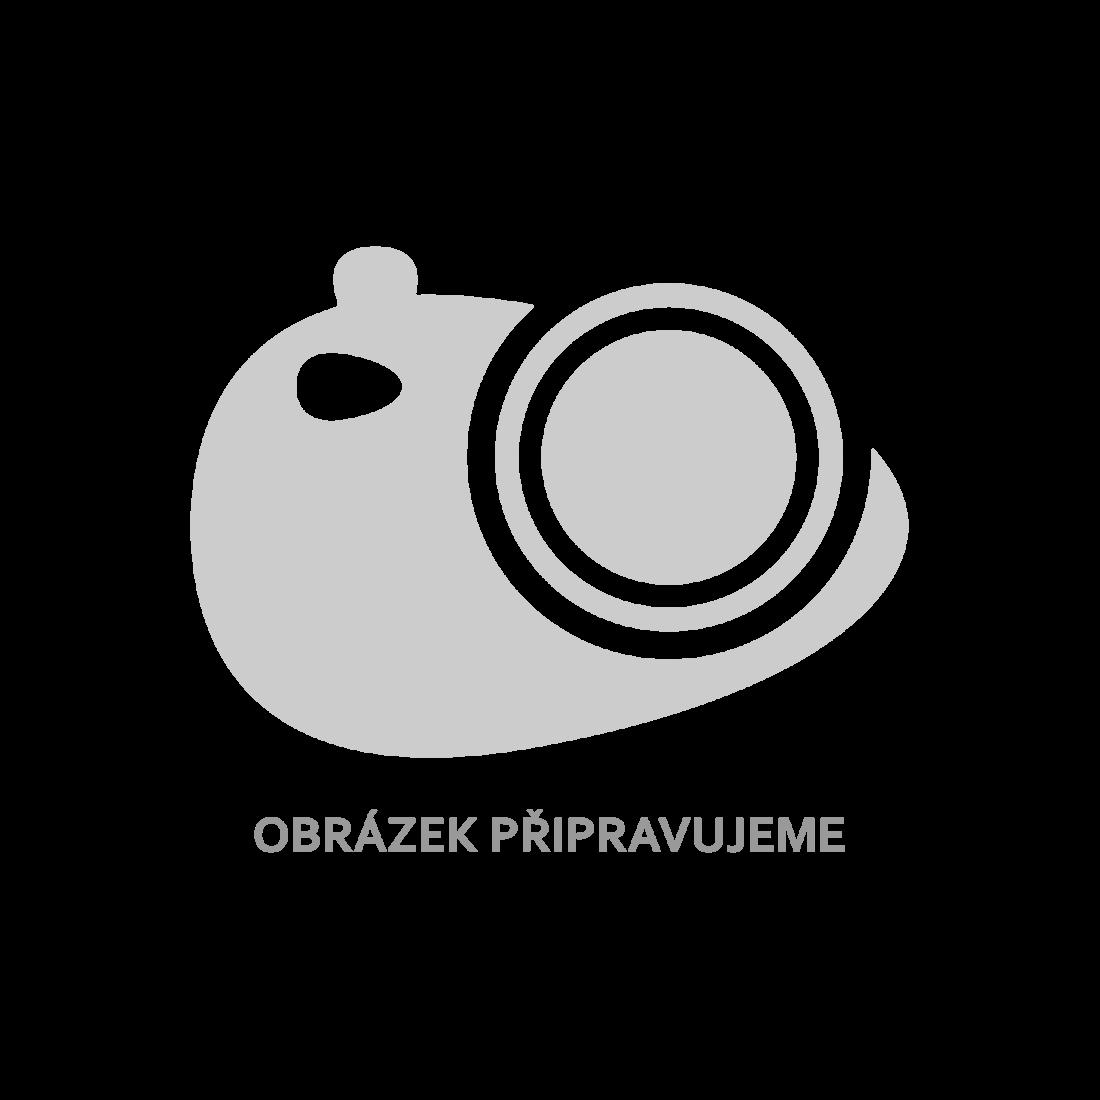 vidaXL Nástěnné police krychlové 6 ks červené a bílé [275976]